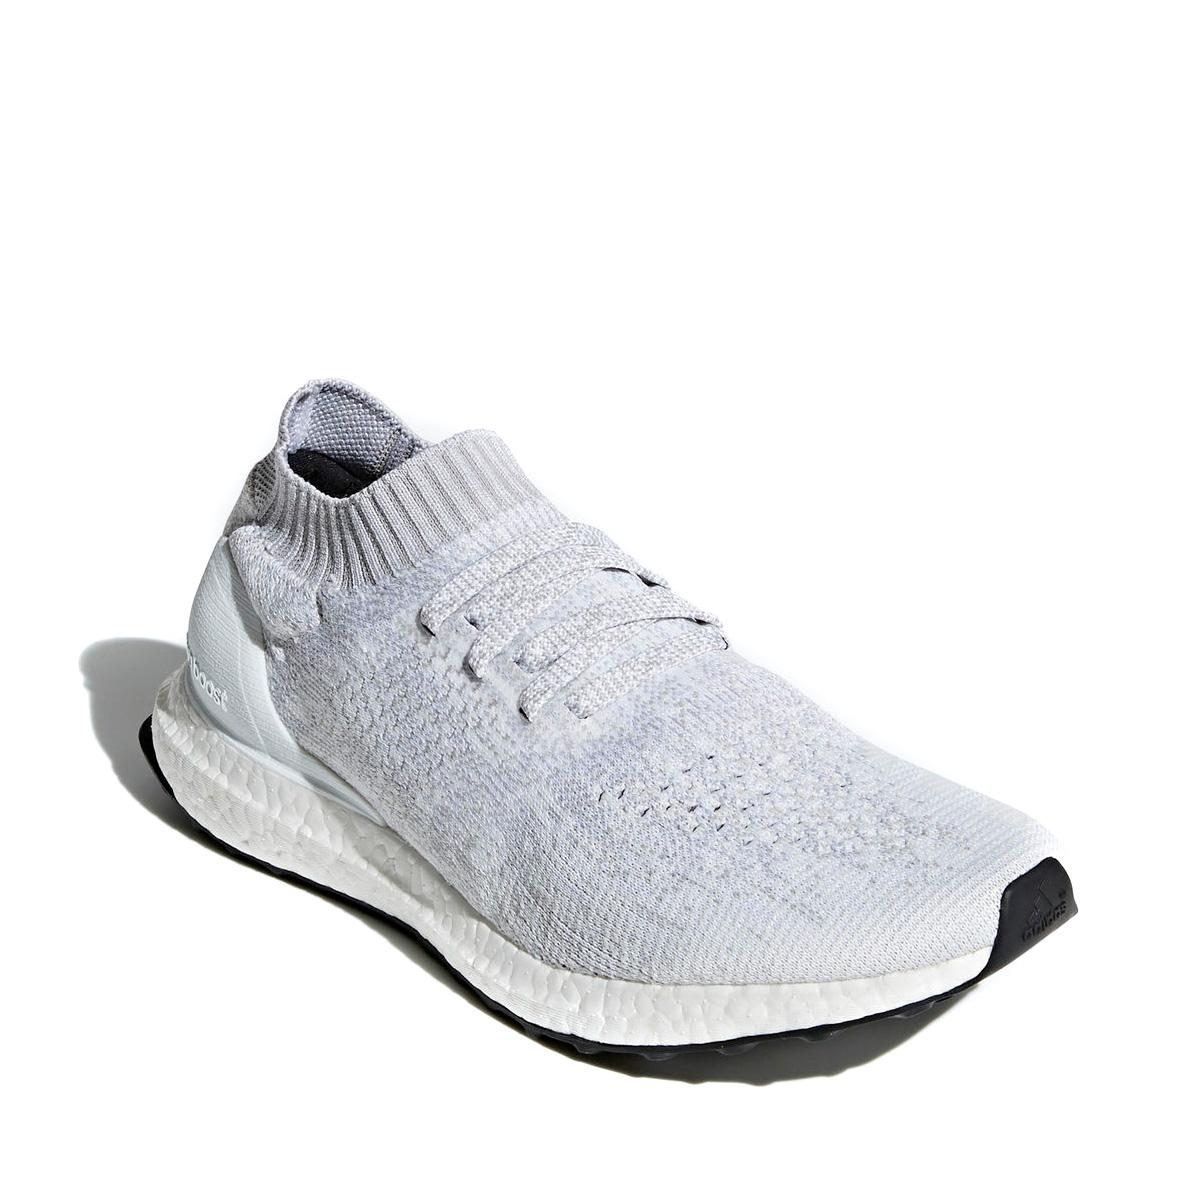 d79571a73 adidas Originals UltraBOOST Uncaged (Adidas originals ultra boost Ann  caged) Running White White Tint Core Black 18SP-I